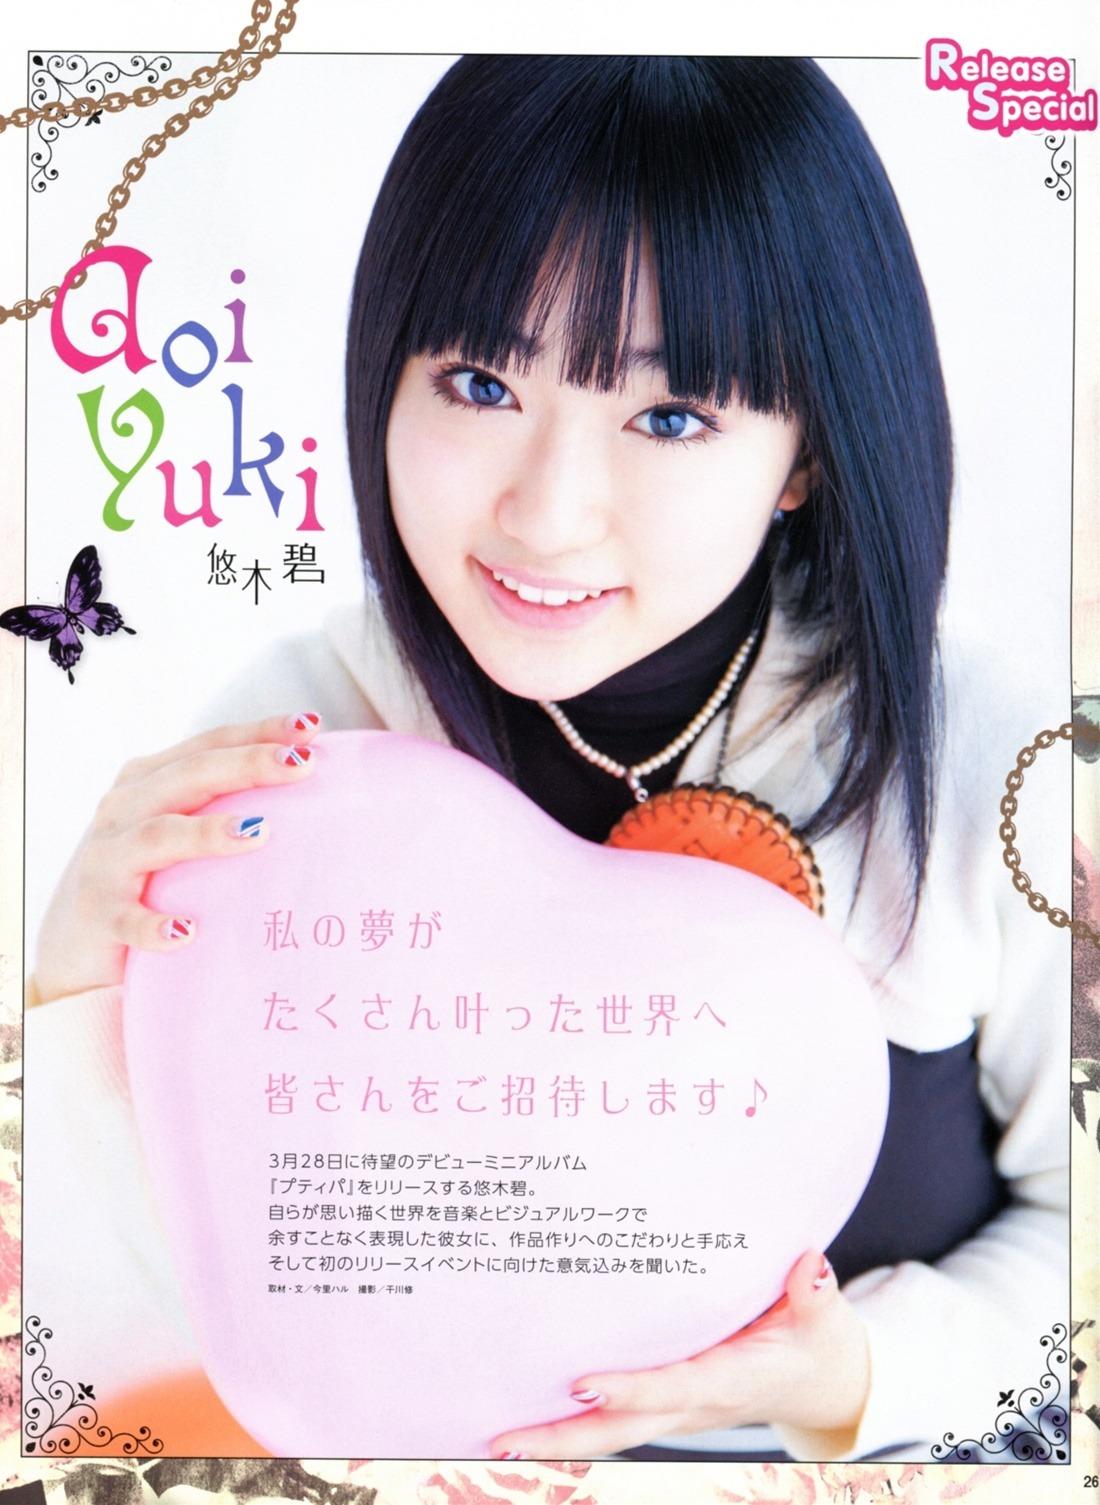 yuuki_aoi057.jpg